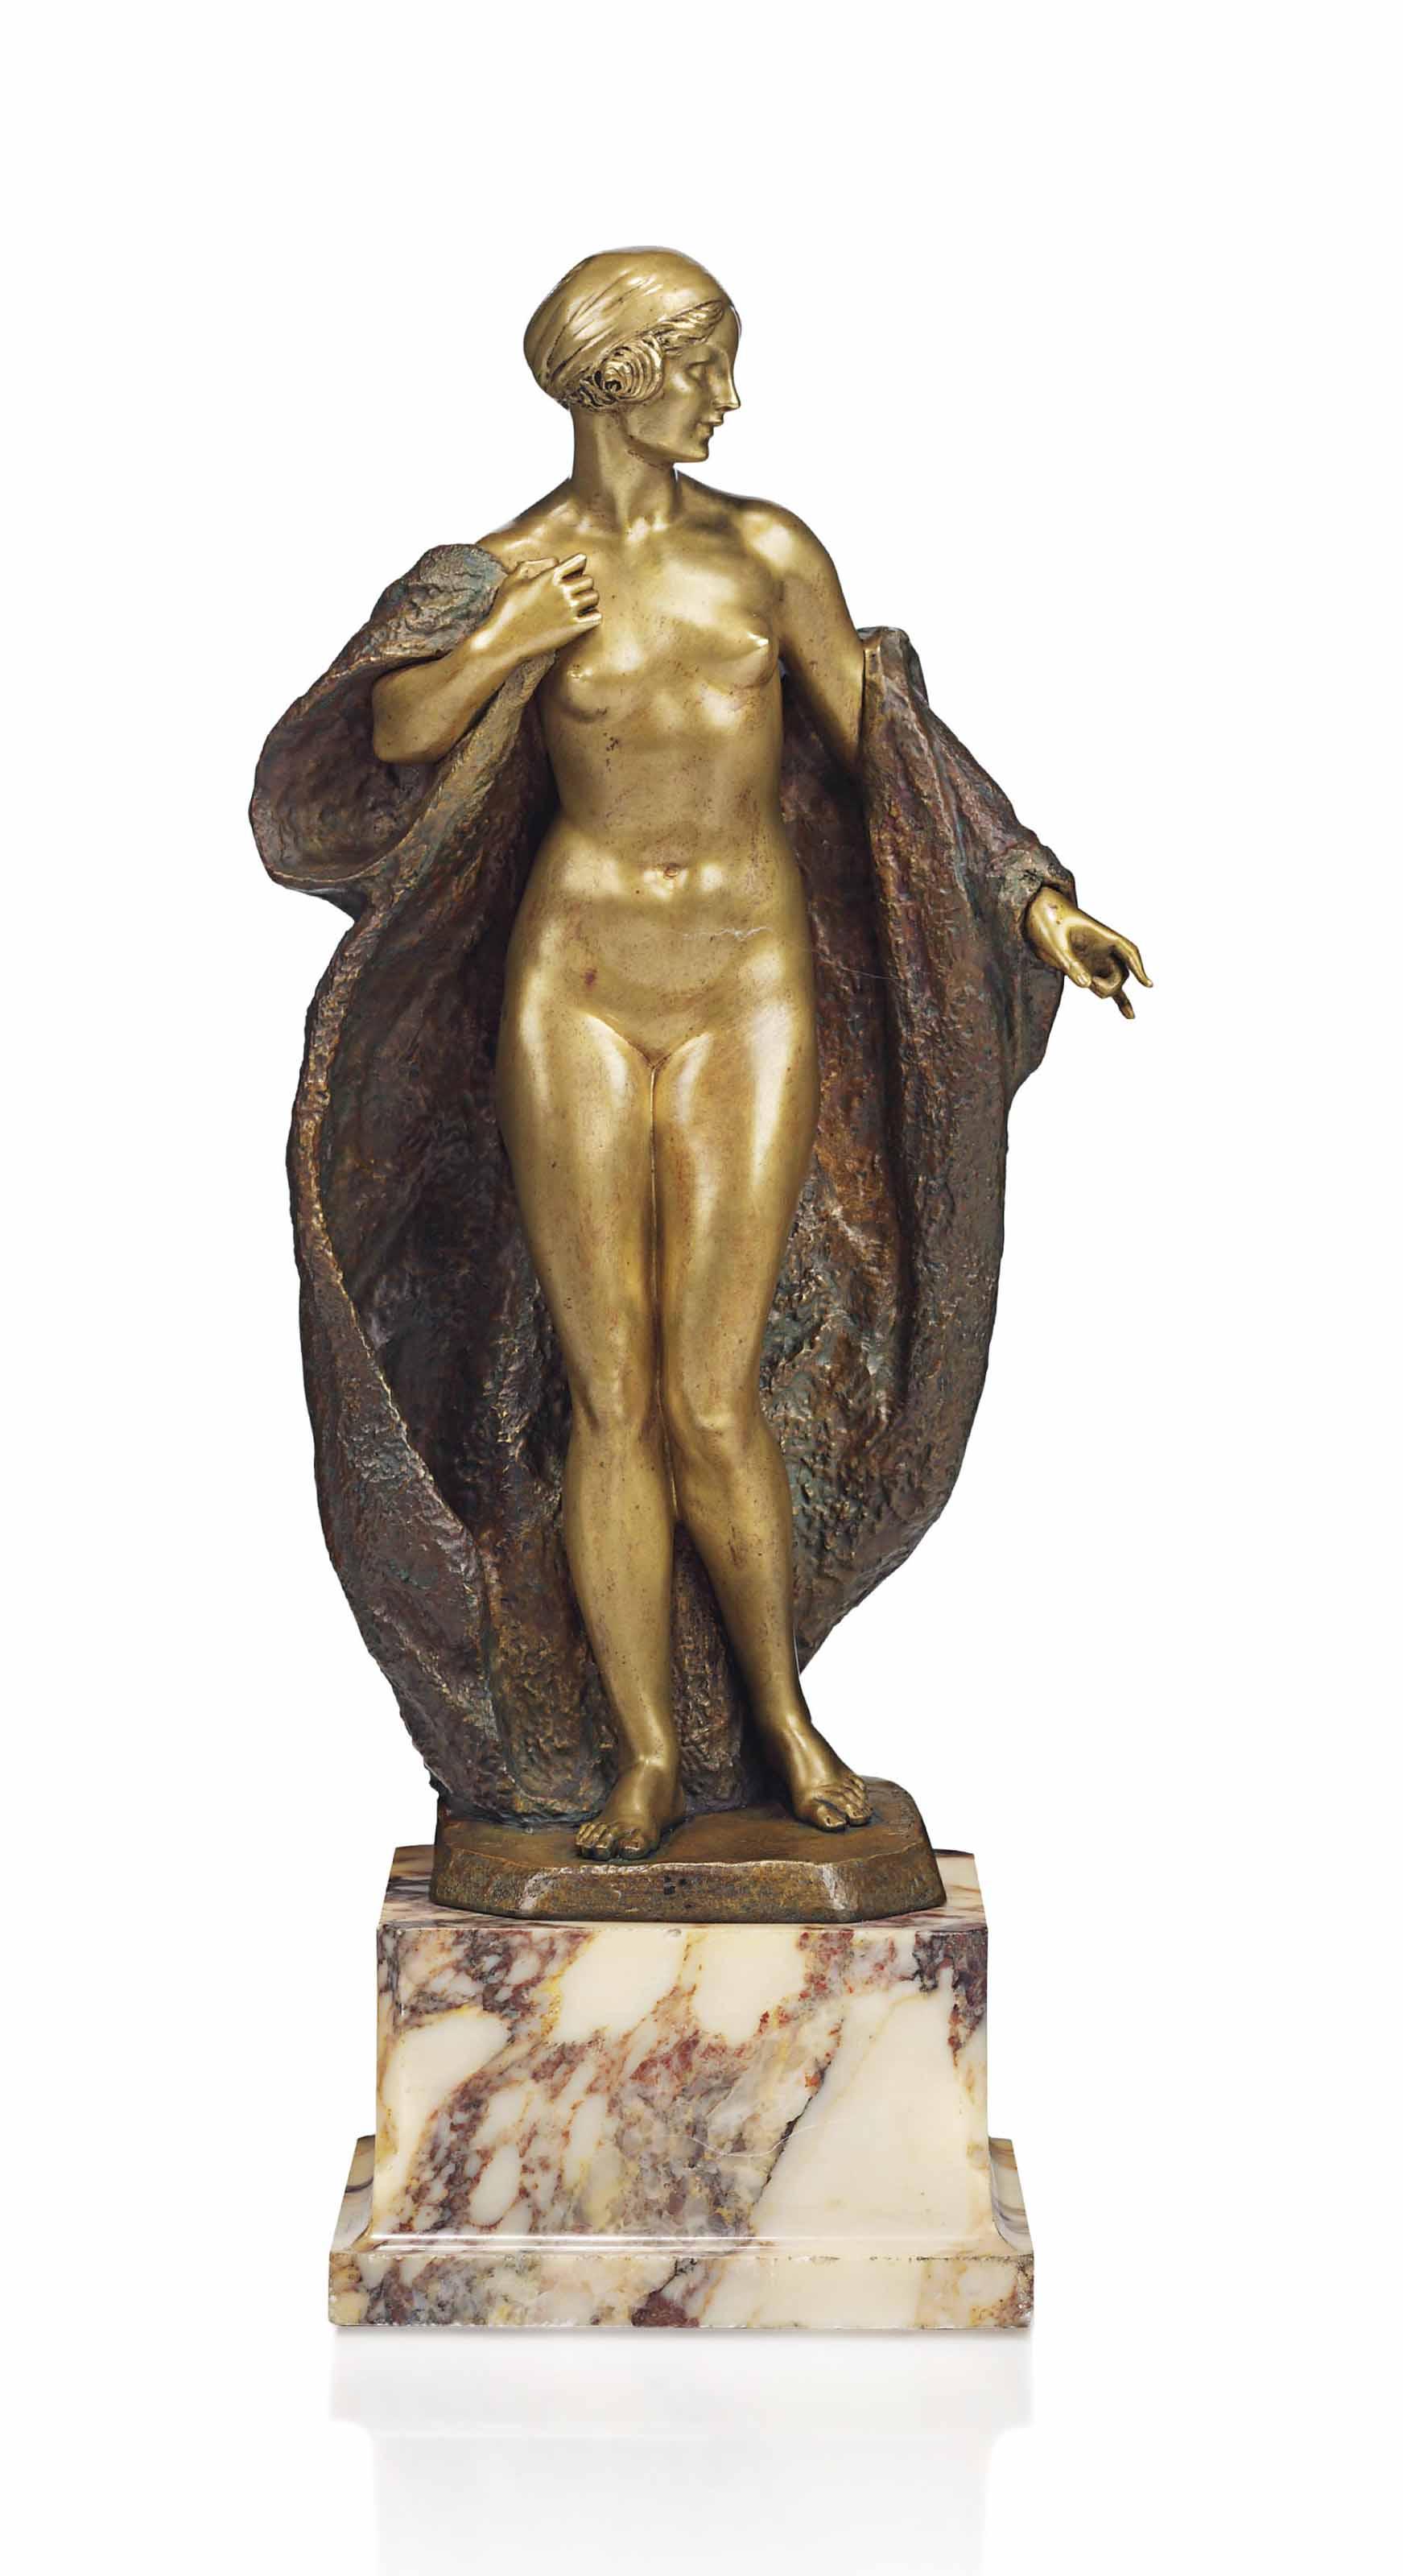 A JOE DESCOMPS (CORMIER) (1869